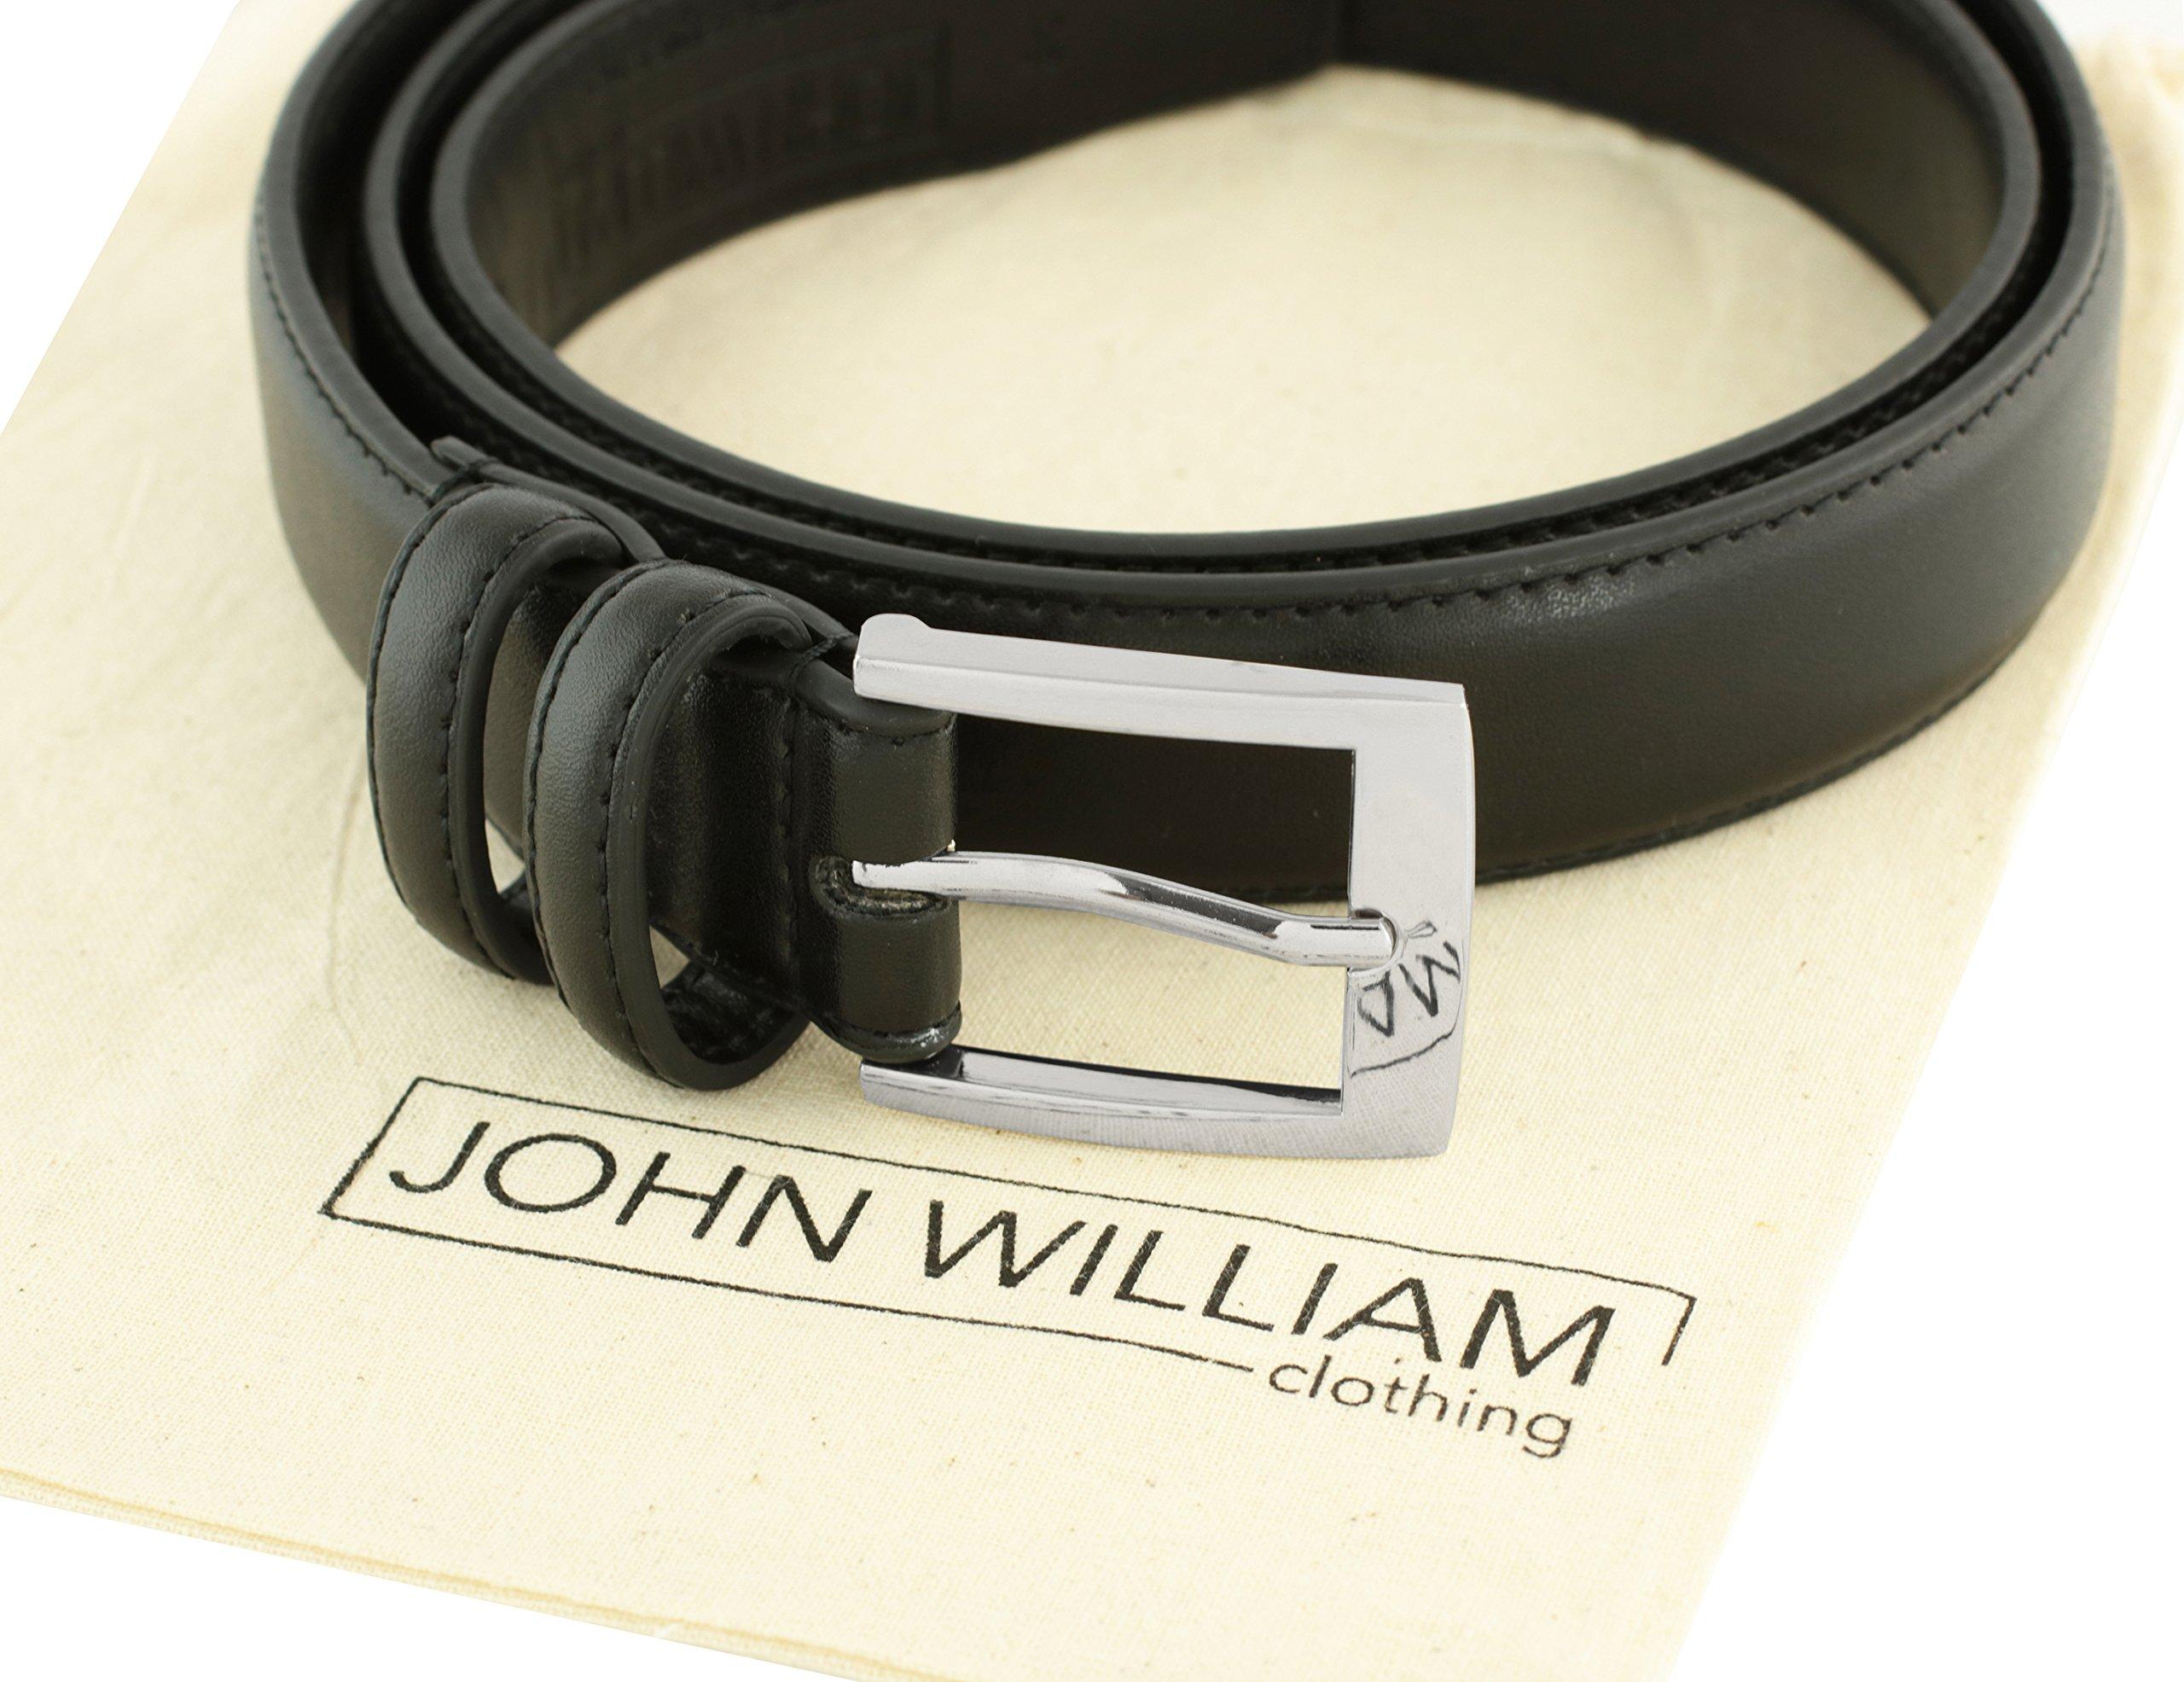 Leather Belts For Men - Mens Black Belt - 1.25'' Dress & Casual Men's Belt in Gift Bag - 36 by John William Clothing (Image #2)